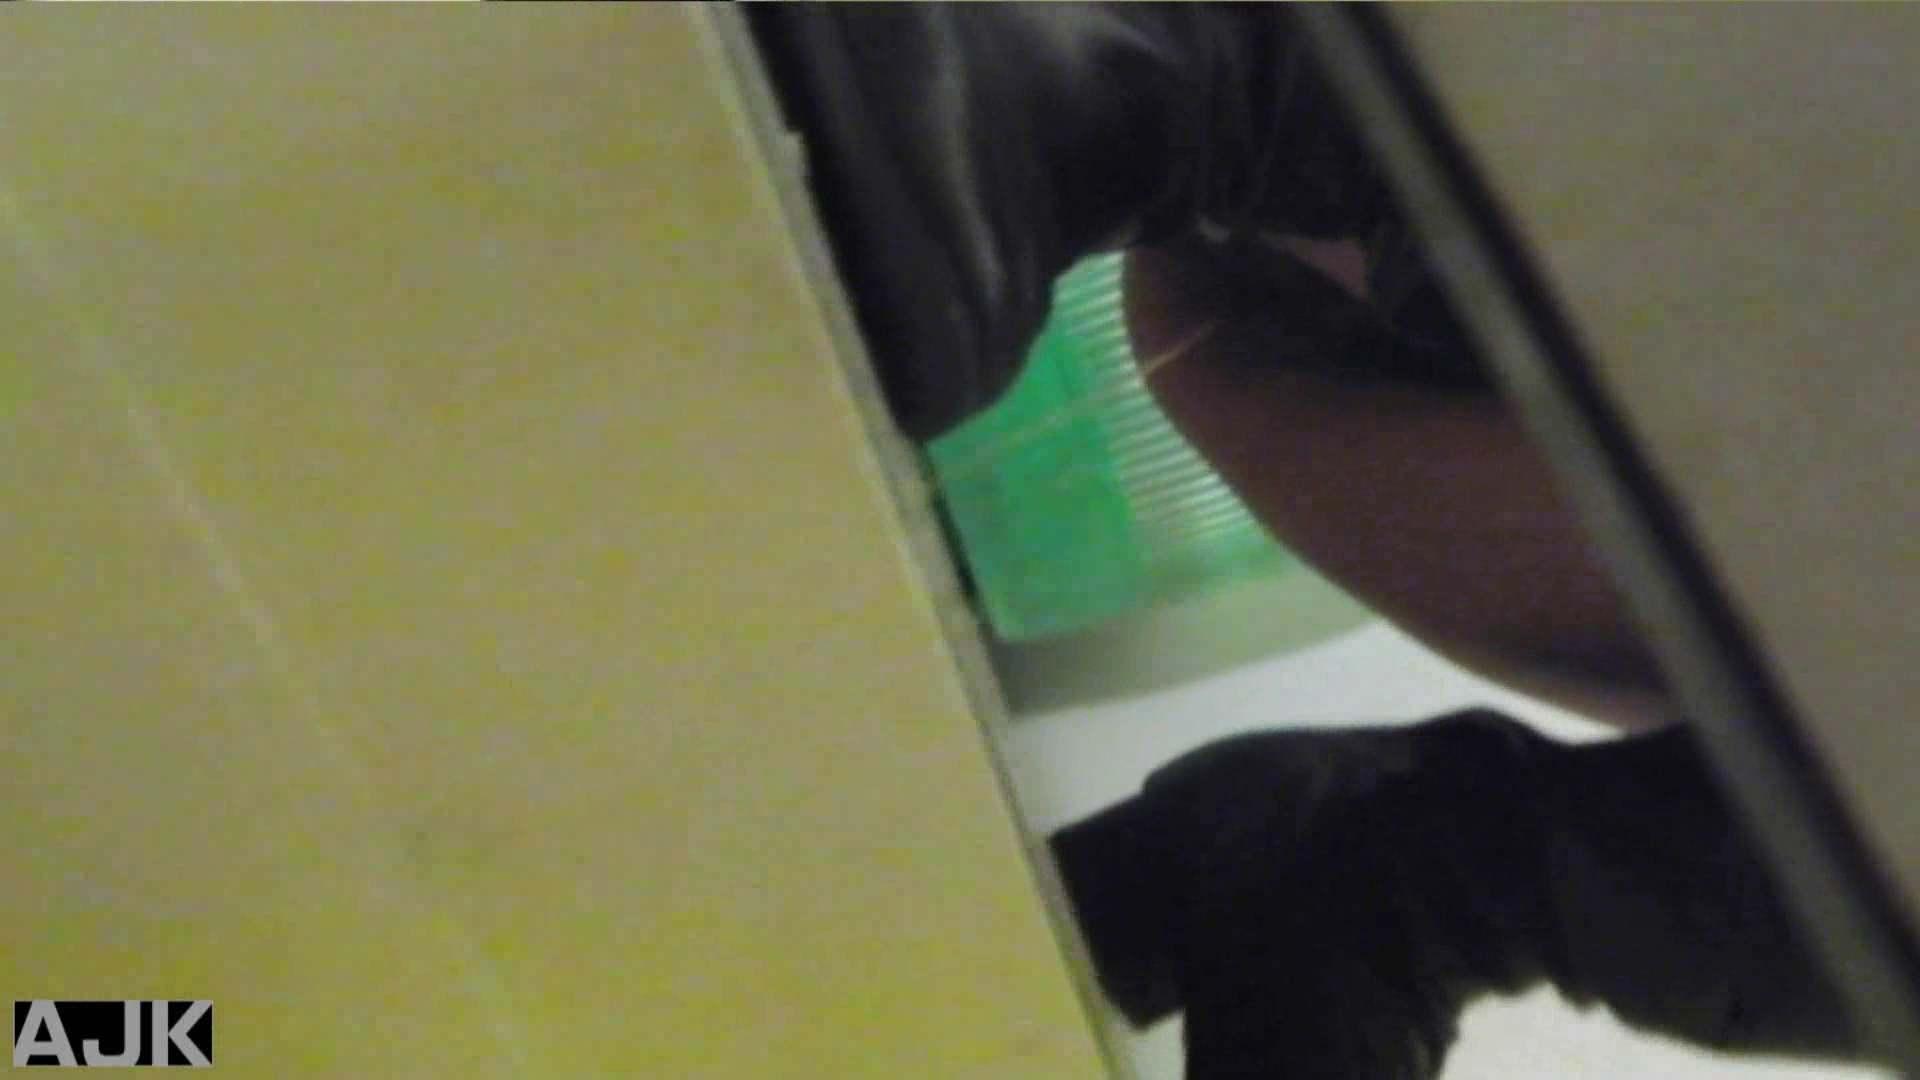 隣国上階級エリアの令嬢たちが集うデパートお手洗い Vol.03 おまんこ  104PIX 9